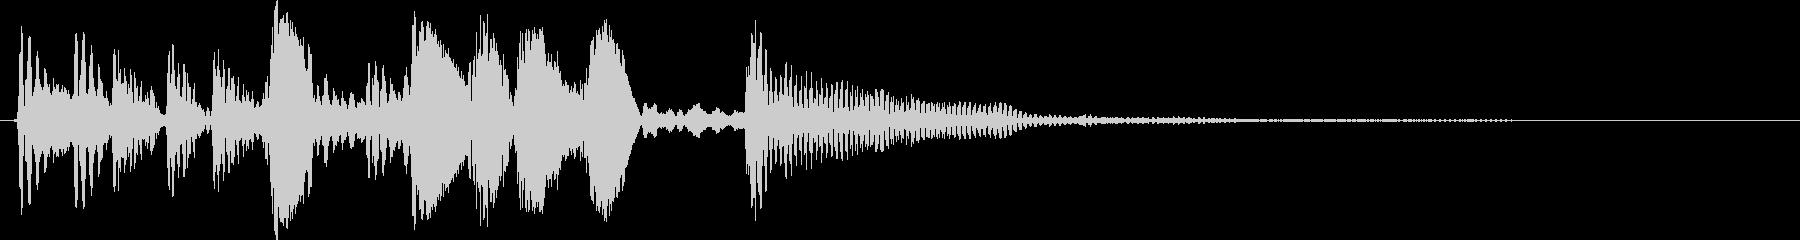 軽快で大人っぽいジングル、ウッドベースの未再生の波形